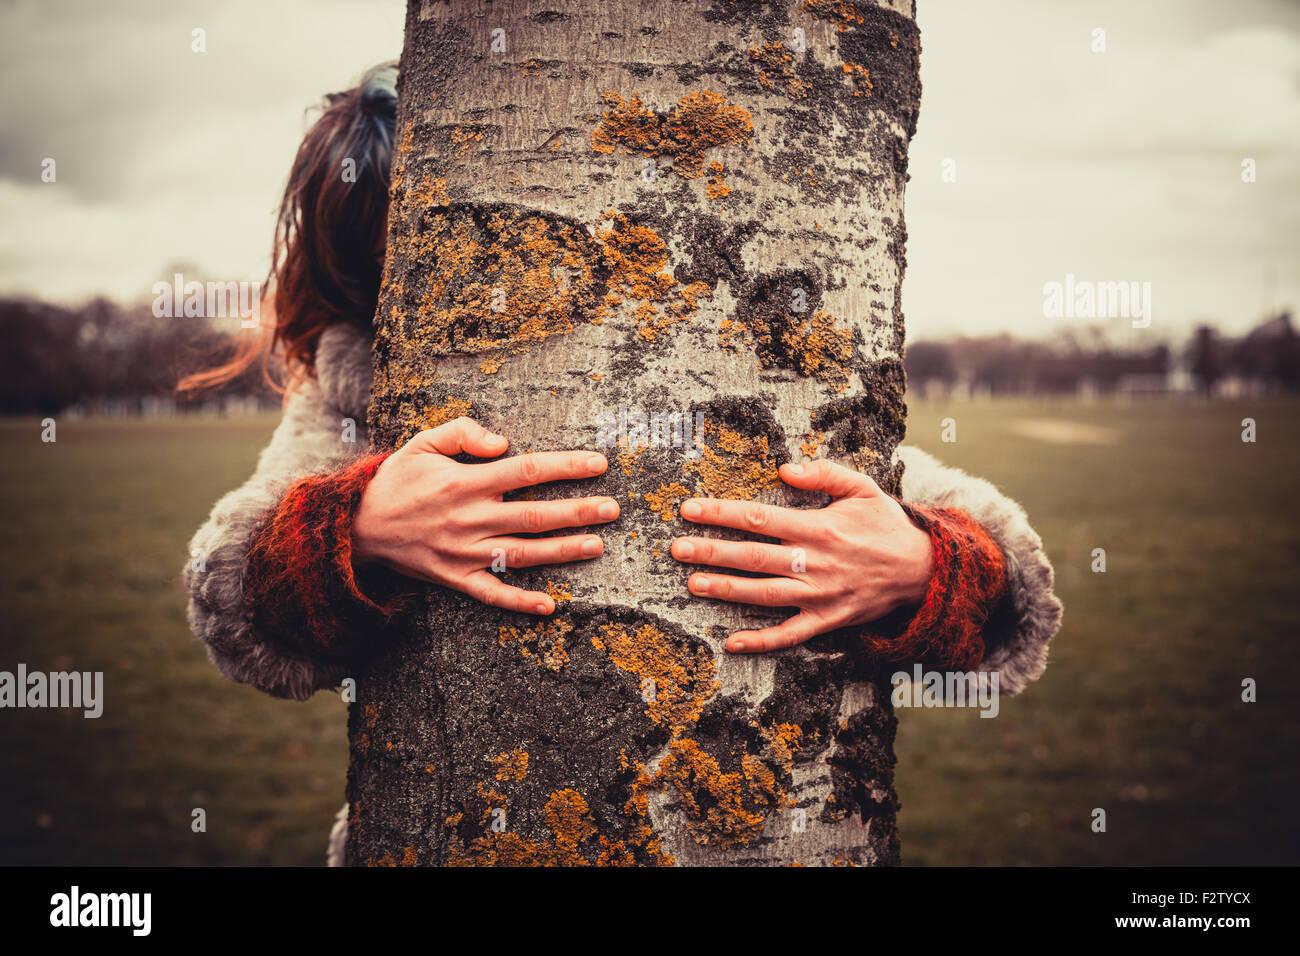 Mujer joven está en el parque en un día de invierno y está abrazando un árbol Foto de stock